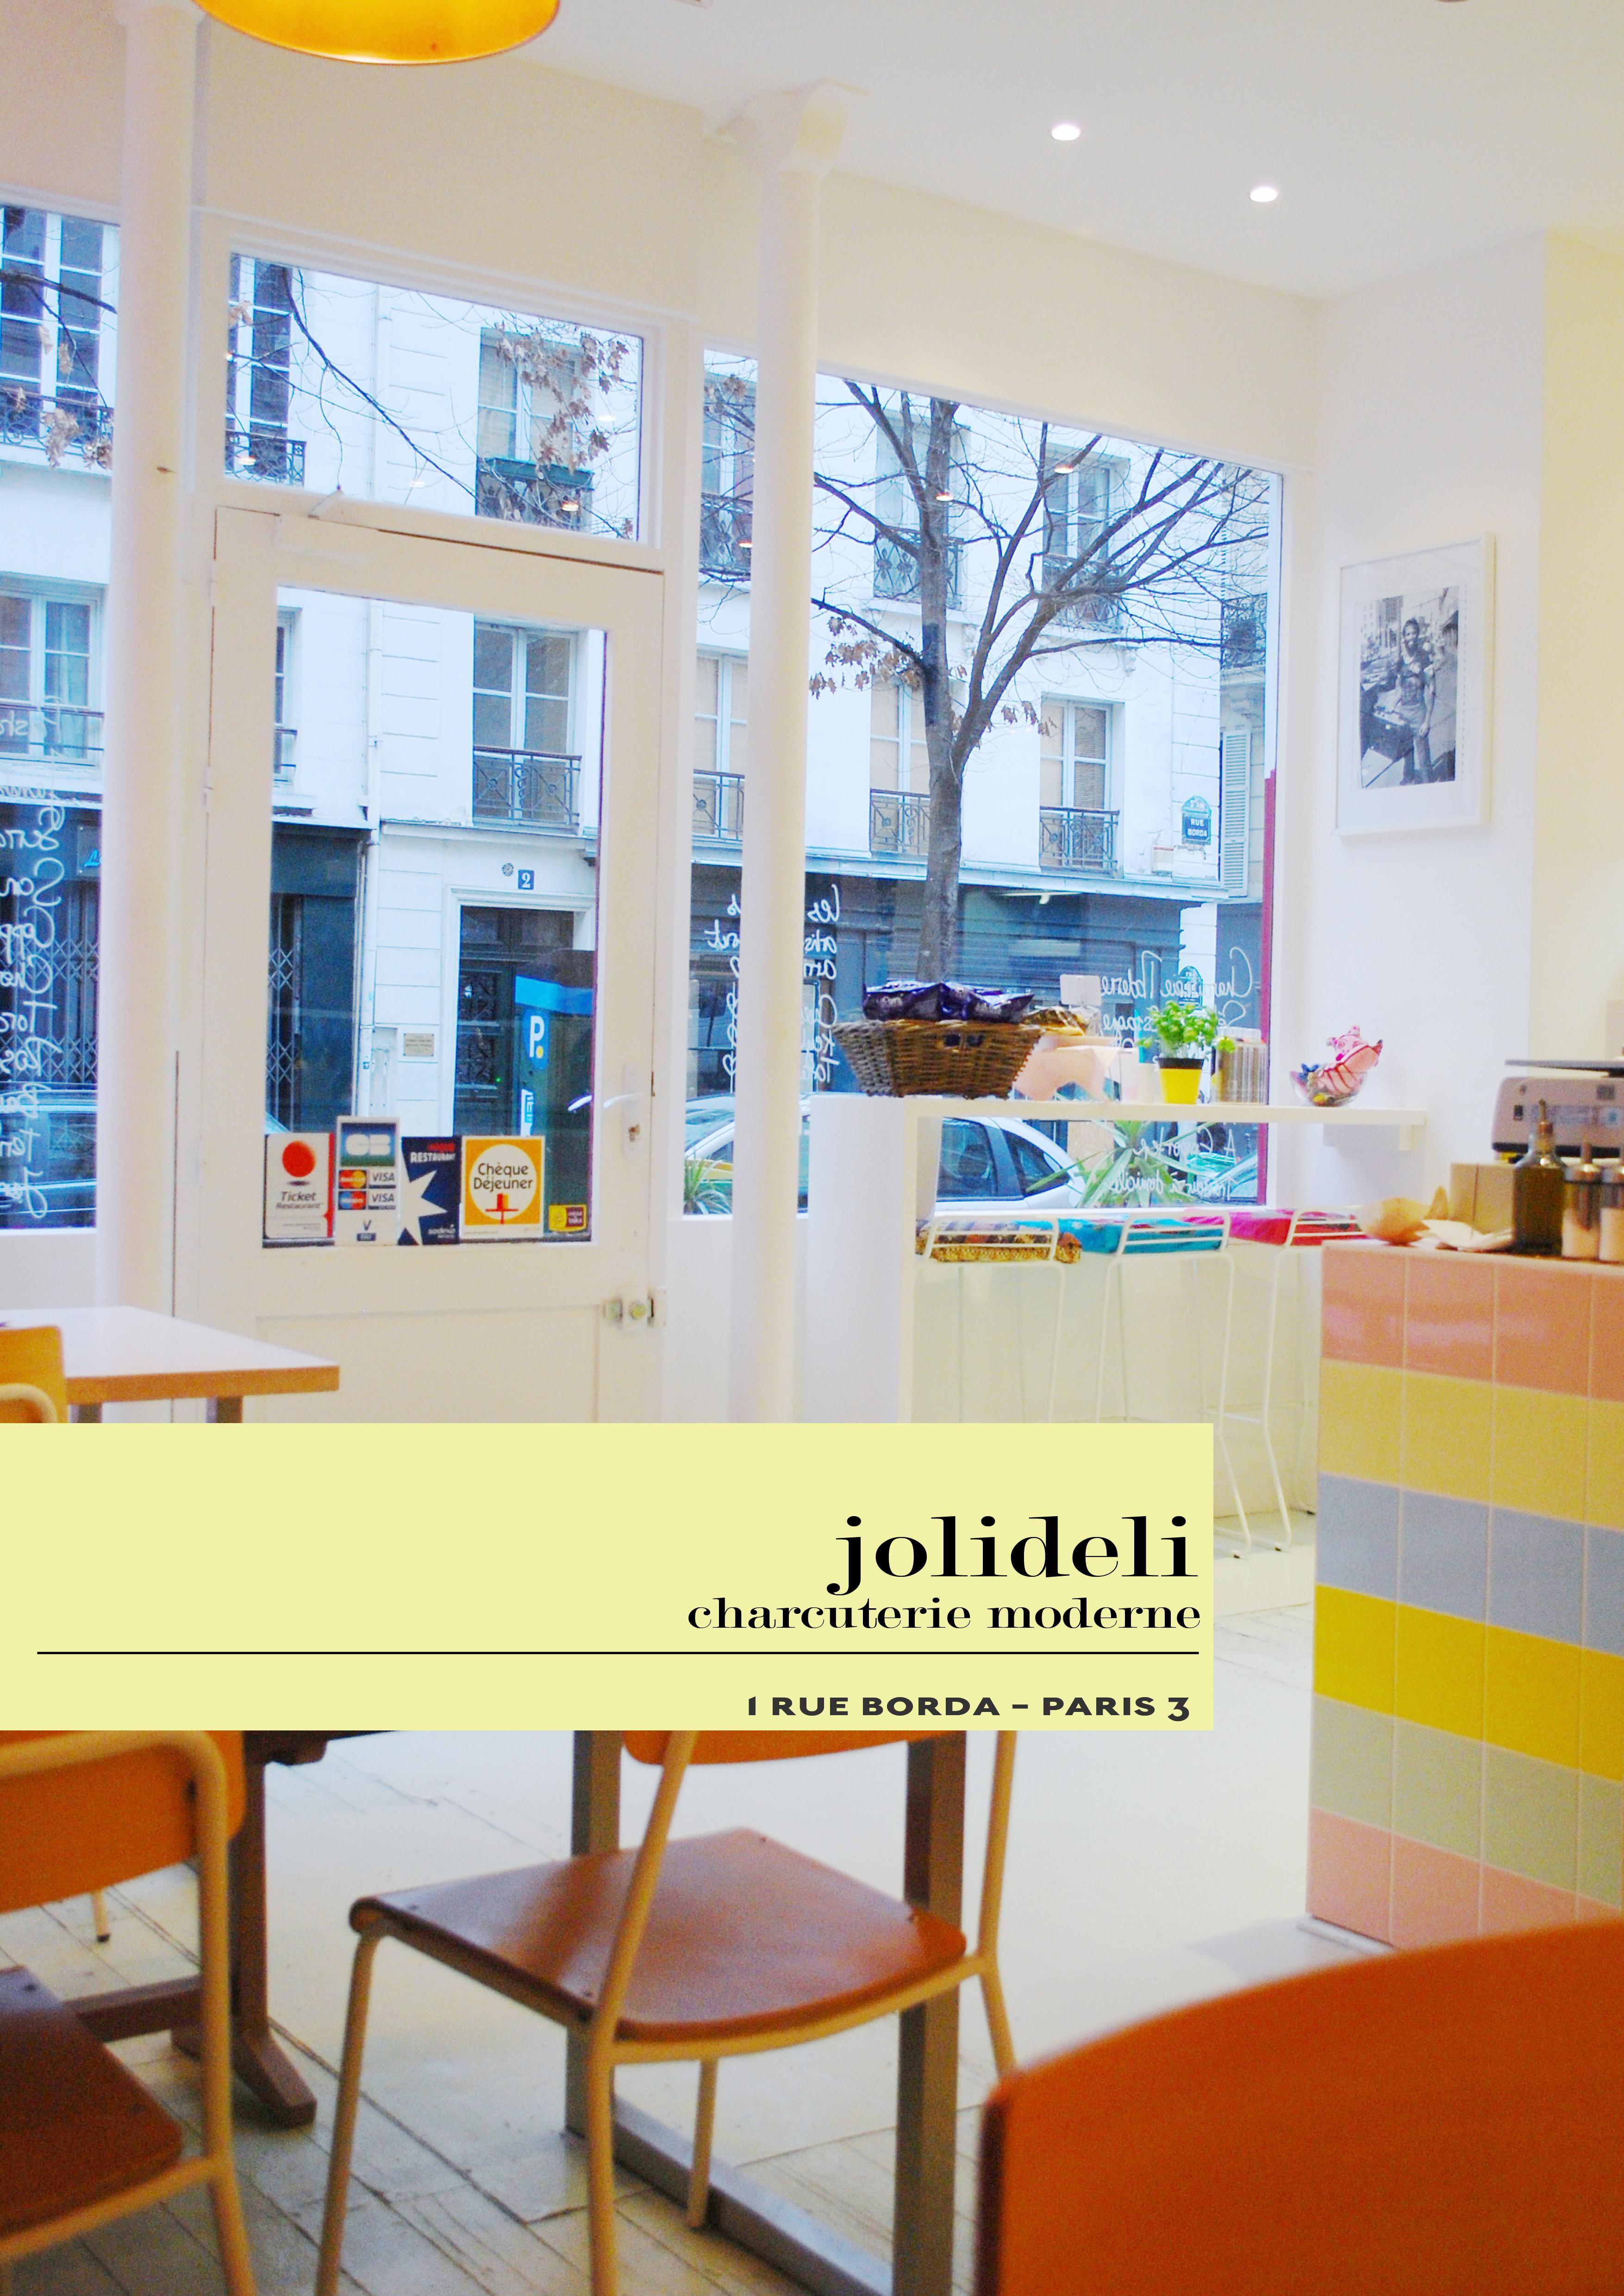 jolideli-charcuterie-moderne-paris-visuel-by-le-polyedre